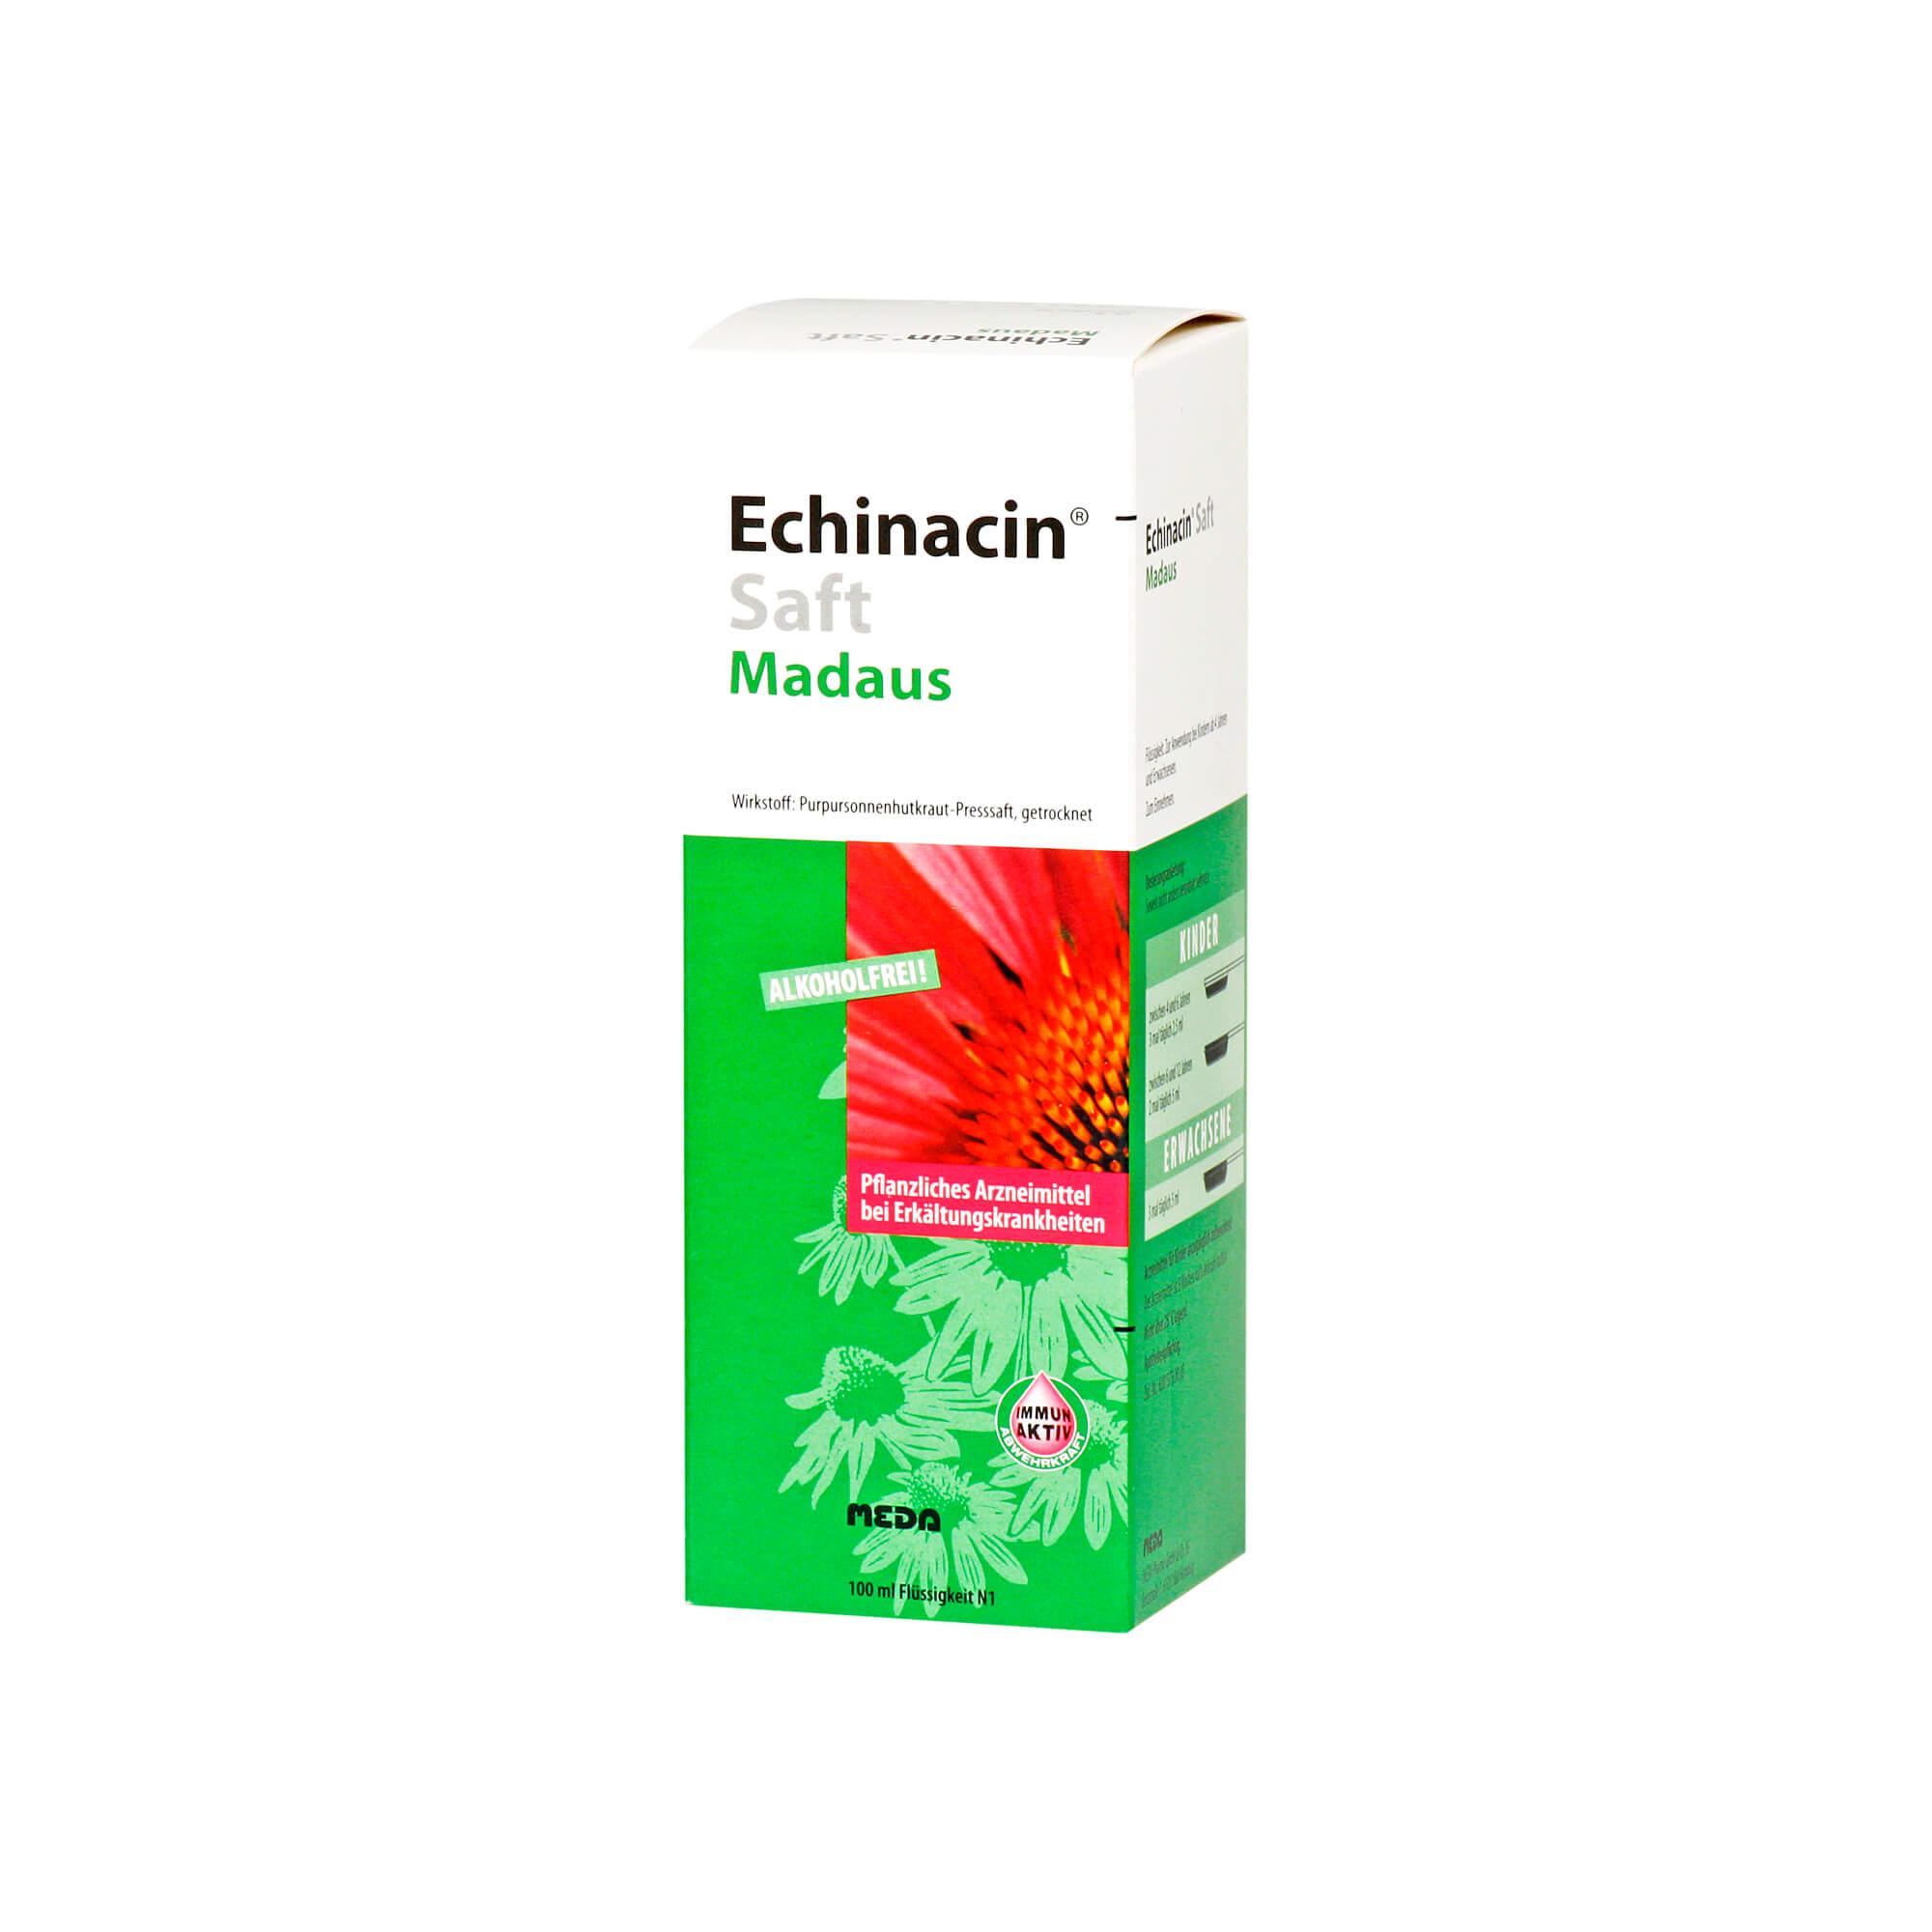 Echinacin Saft